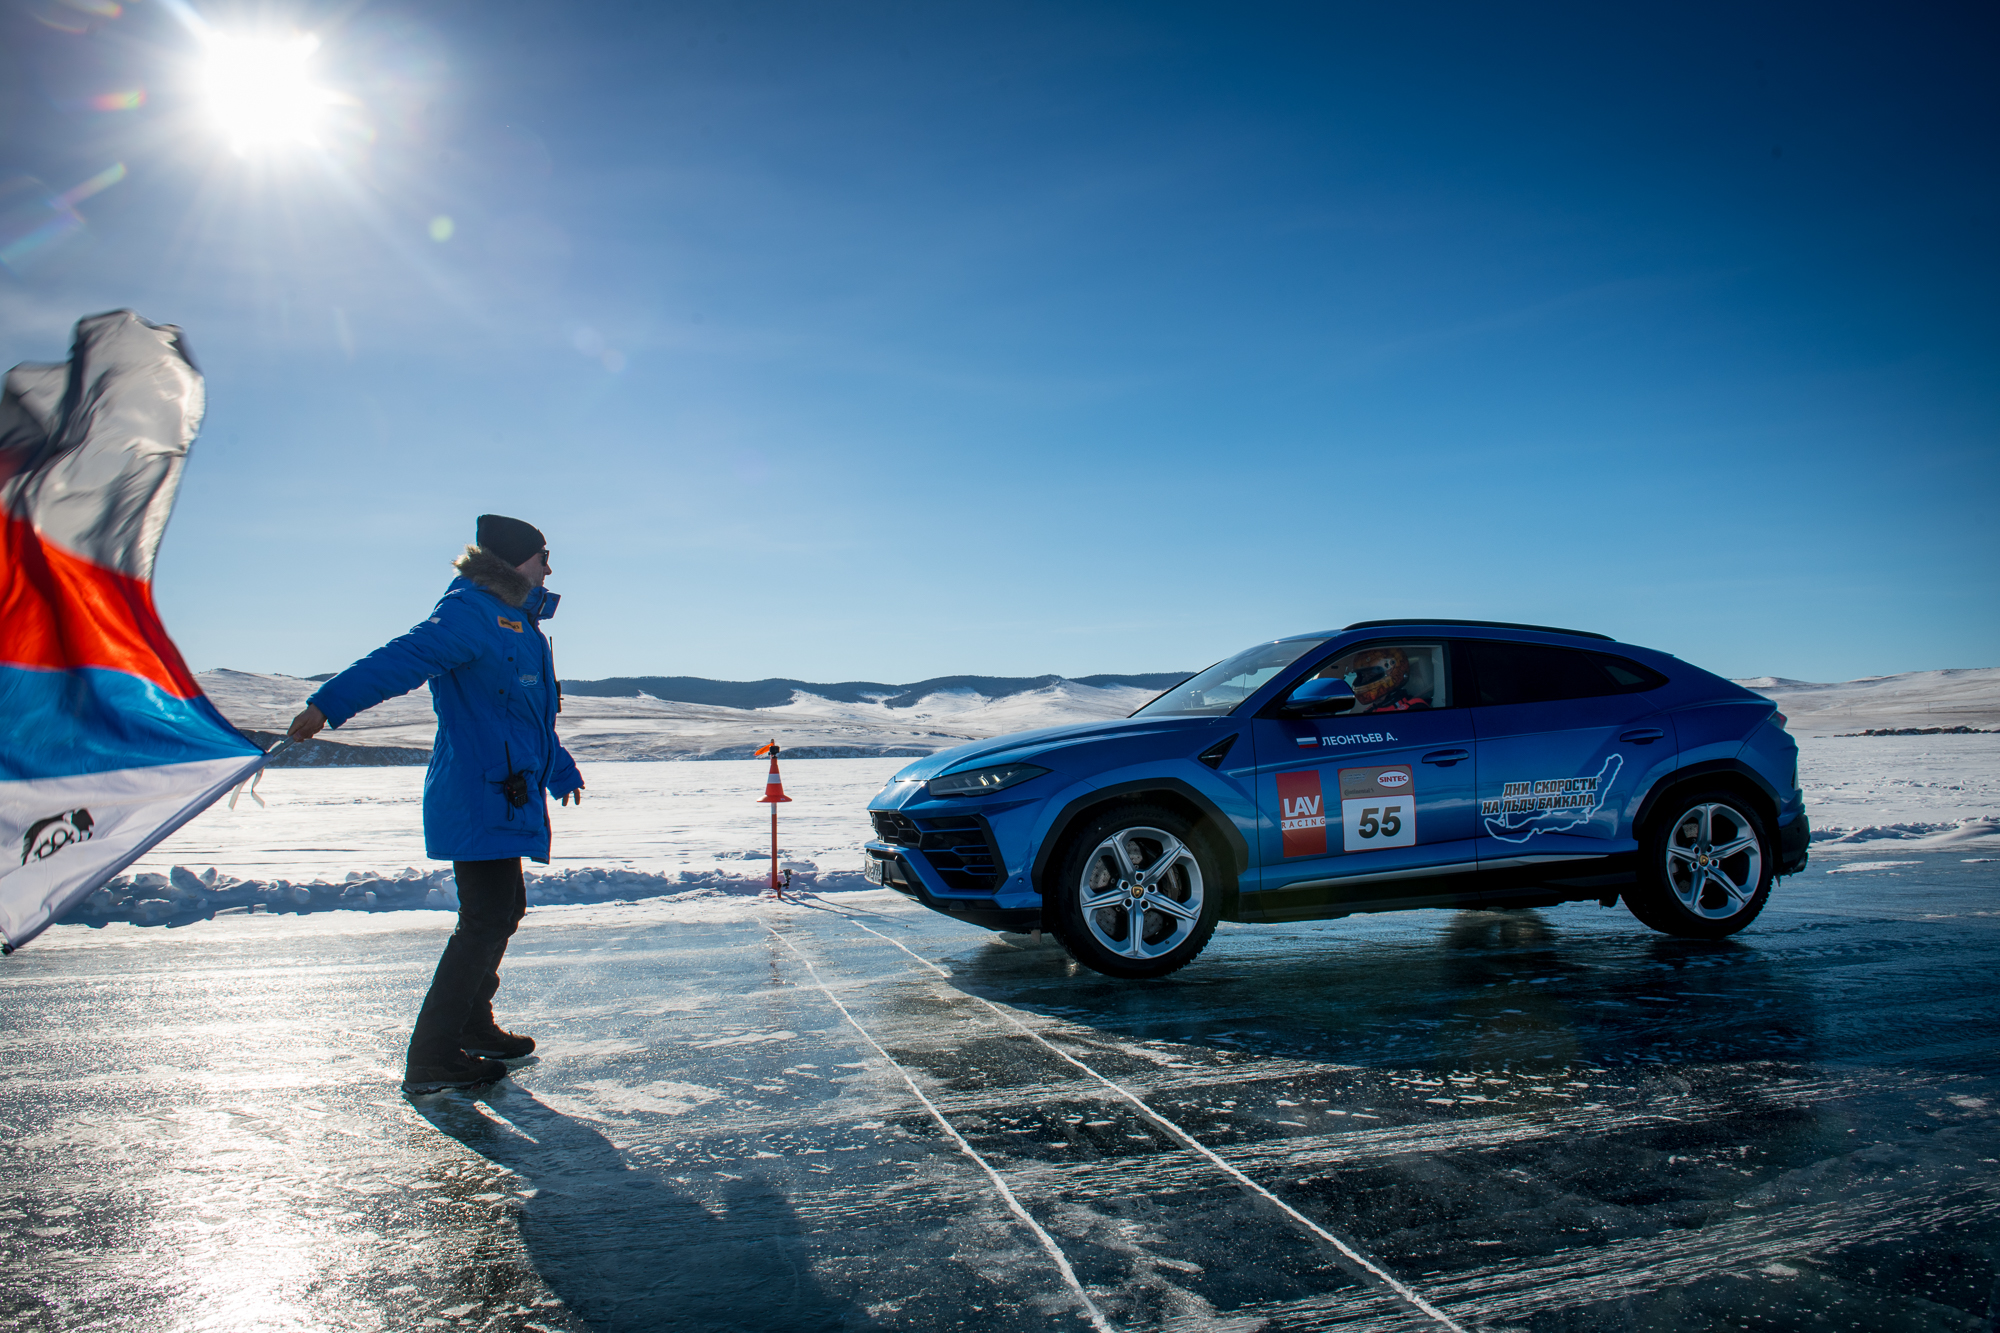 В Росси официльно зарегистрировали рекорд скорости Lamborghini Urus на льду Байкала